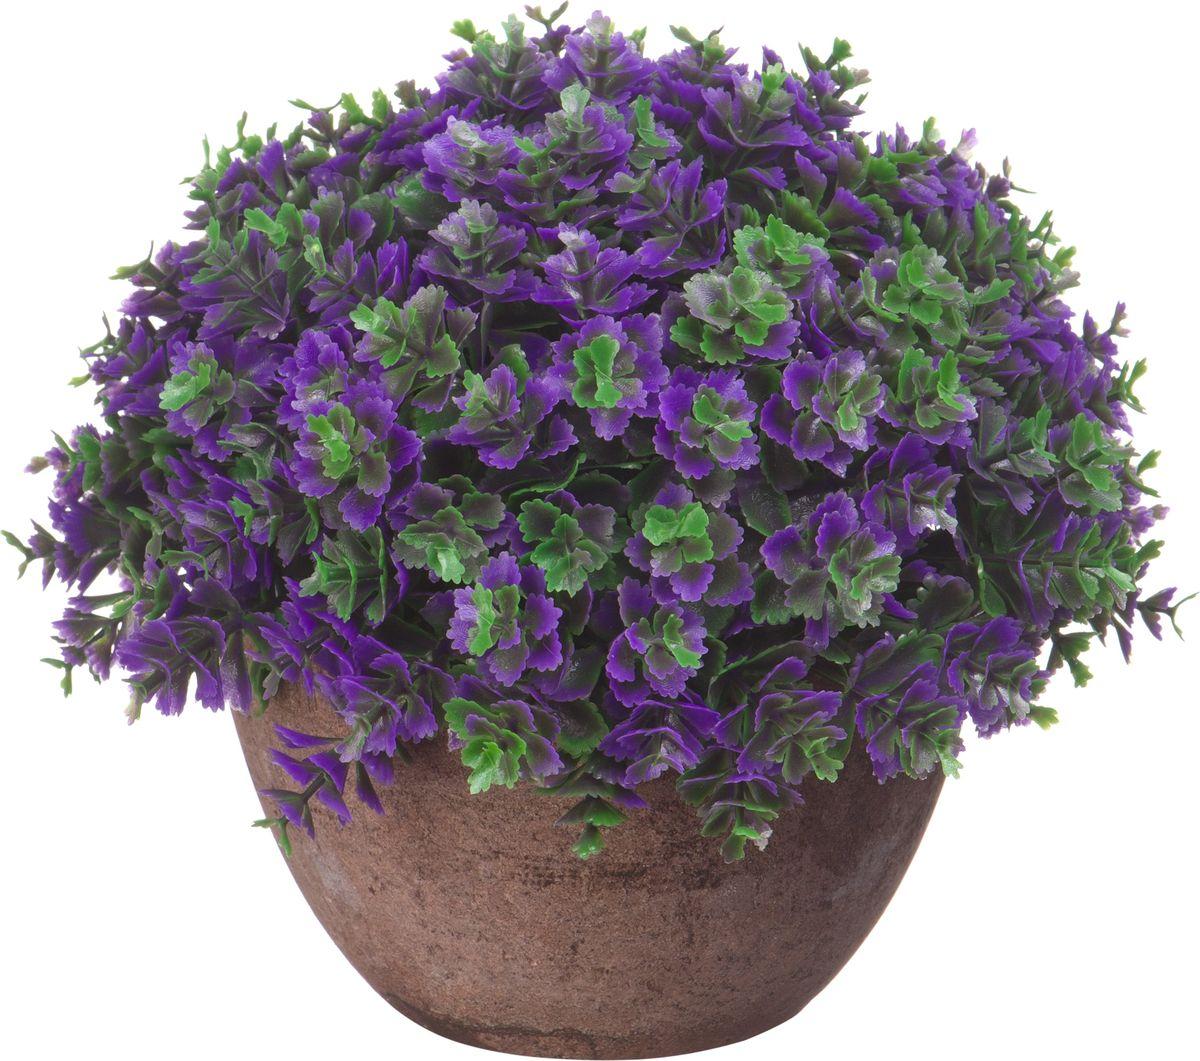 Композиция цветочная Engard Азалия, в кашпо, цвет: фиолетовый, 15 х 13,5 х 13,5 см цветы искусственные engard лесная фиалка цвет фиолетовый высота 15 см 10 шт